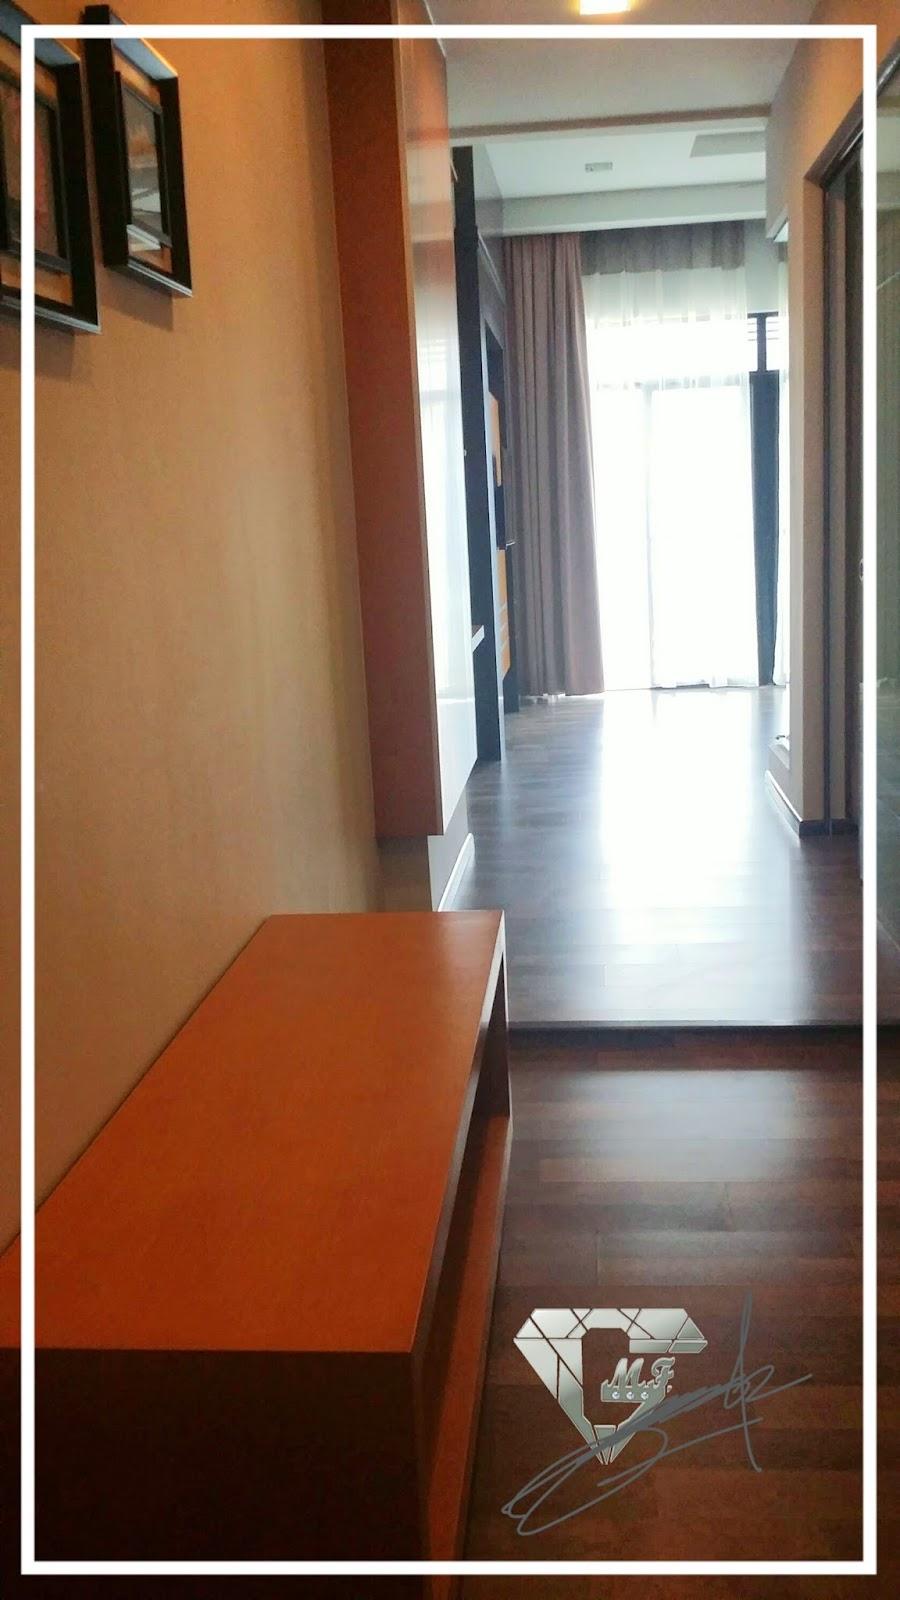 cameron highlands, jalan2 malaysia, nova resort, best place cameron highlands, cameron highlands hotel, tempat best cameron, hotel murah cameron, hotel mewah, hotel selesa cameron